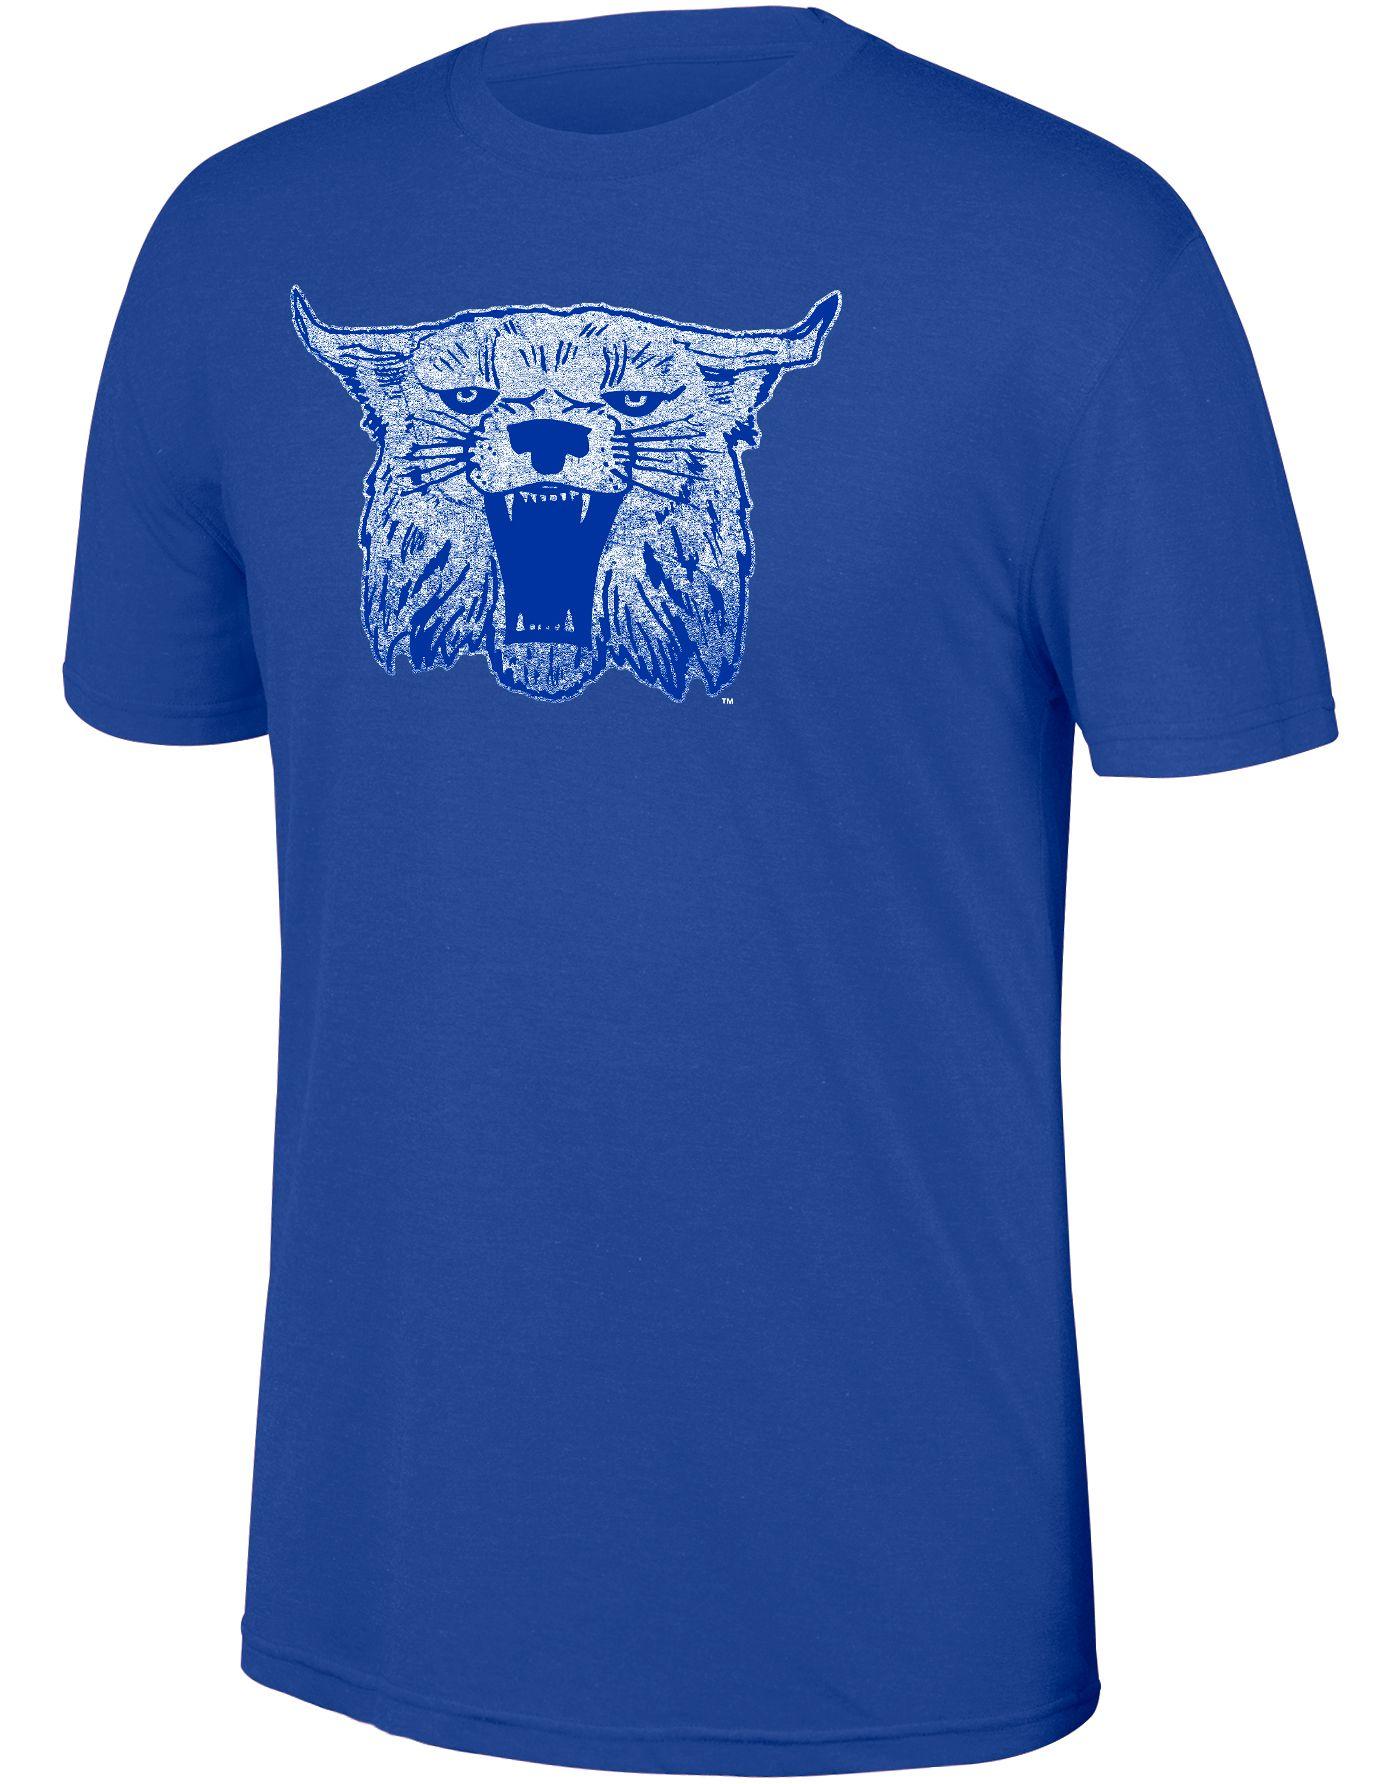 Top of the World Men's Kentucky Wildcats Blue Heritage Tri-Blend Logo T-Shirt